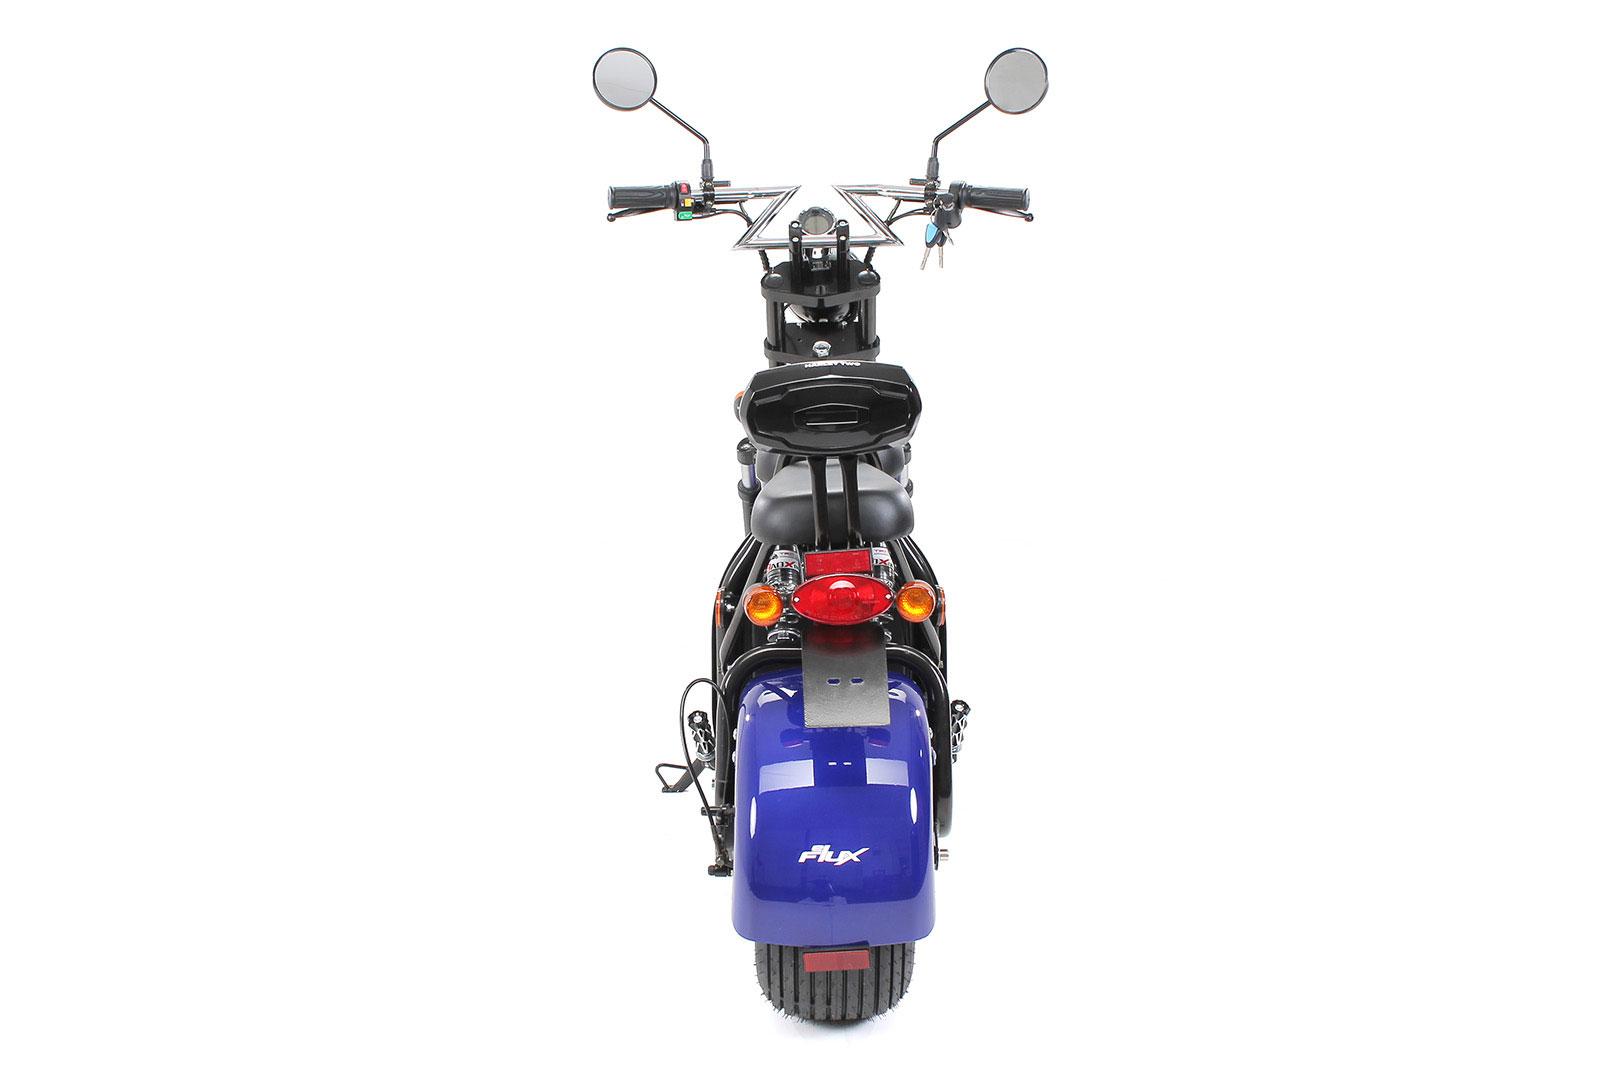 Elektroroller edi Chopper Harley Two 1500W blau Bild 6